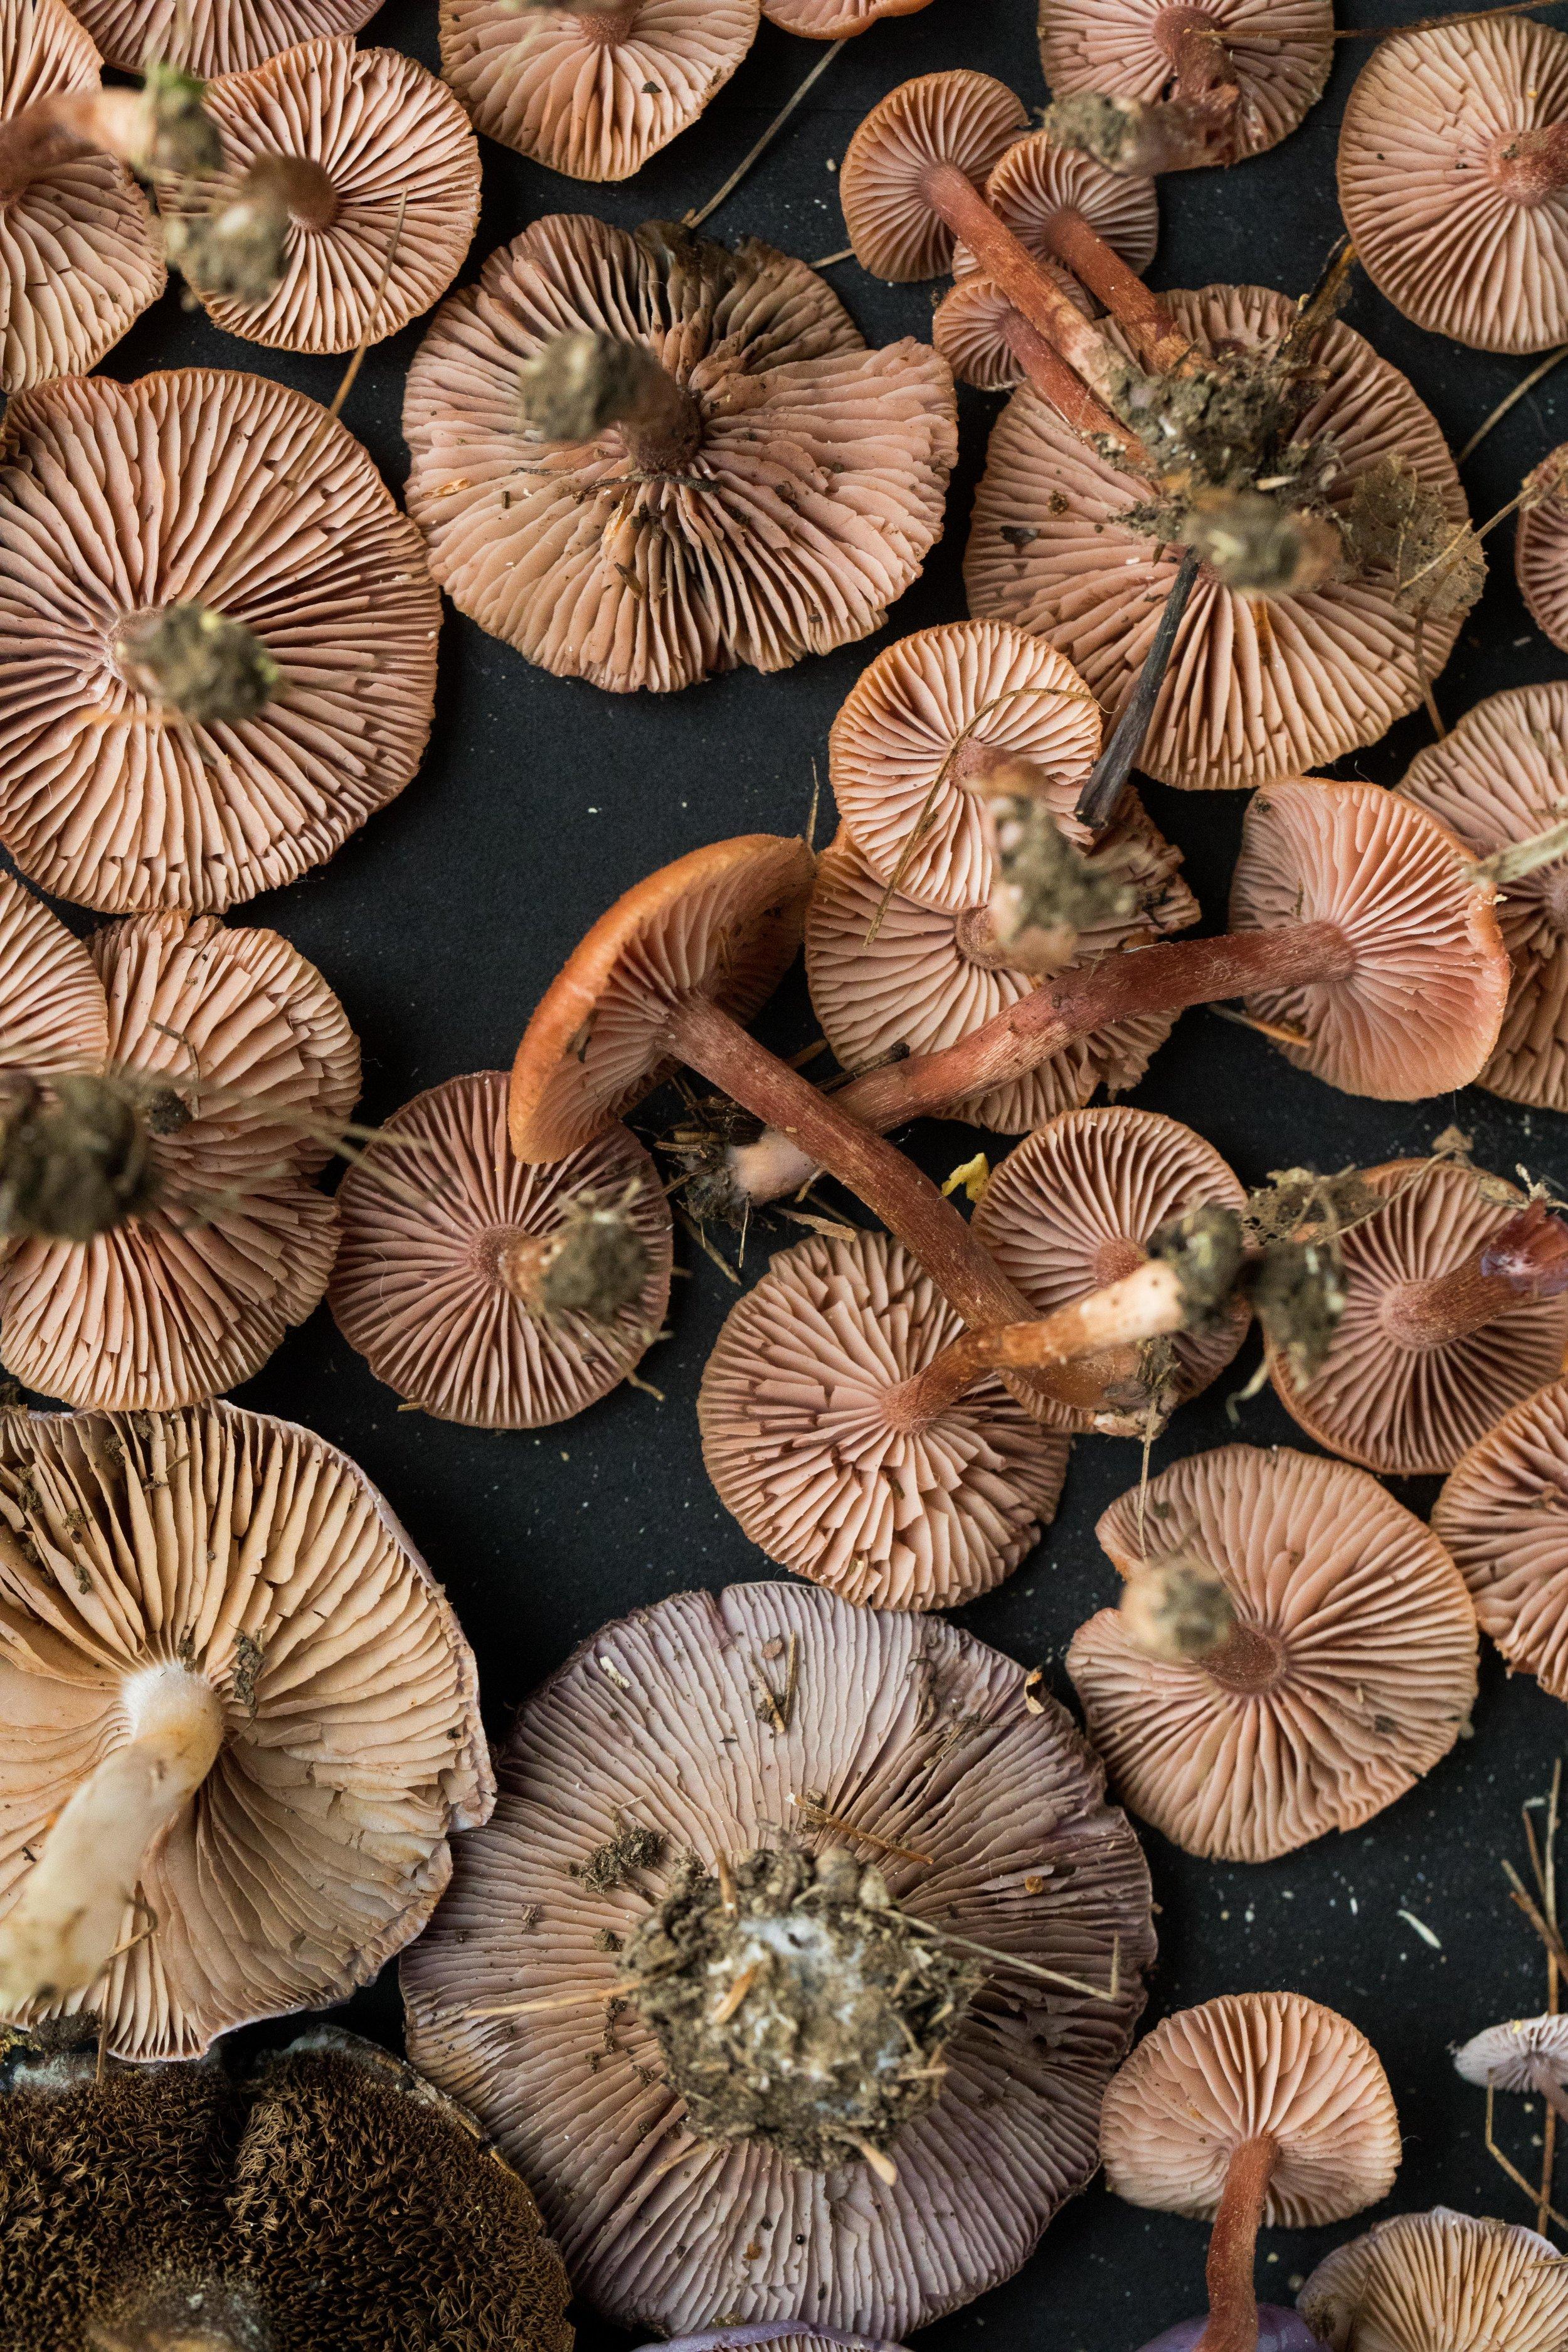 mushrooms_vertical.jpg